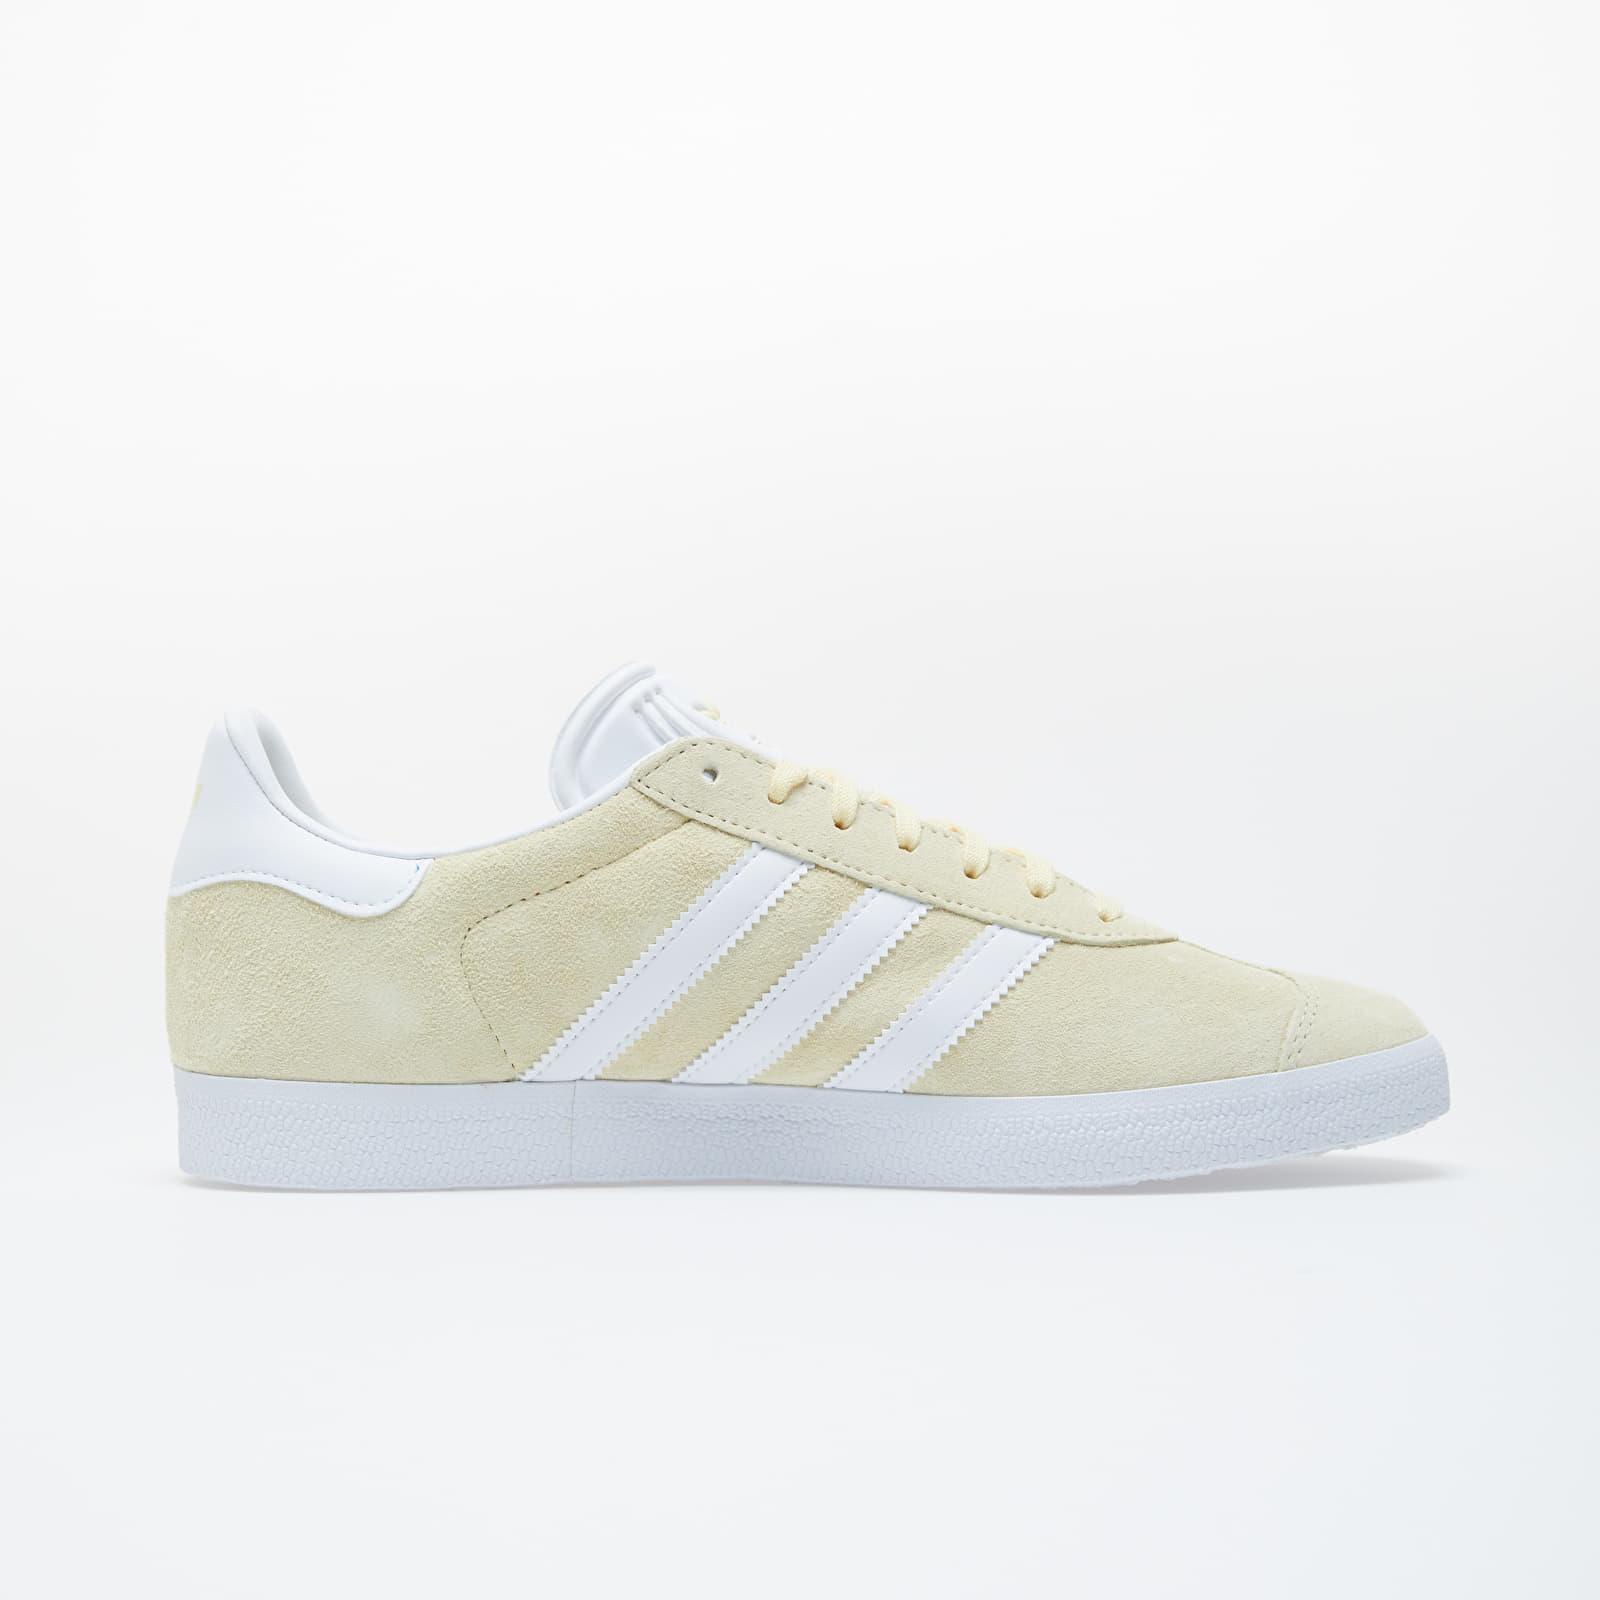 adidas GazelleEasy Yellow/ Ftw White/ Gold Metalic